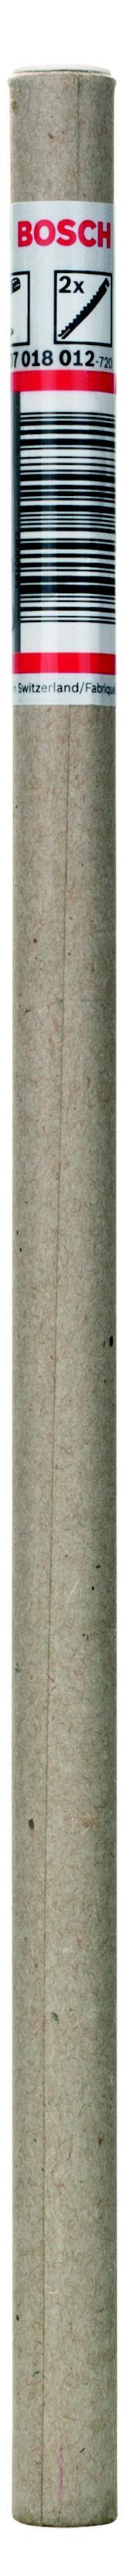 Полотно для сабельной пилы Bosch 'gsg 300, 2шт. bosch для gsg 300 130мм 2шт 2 607 018 010